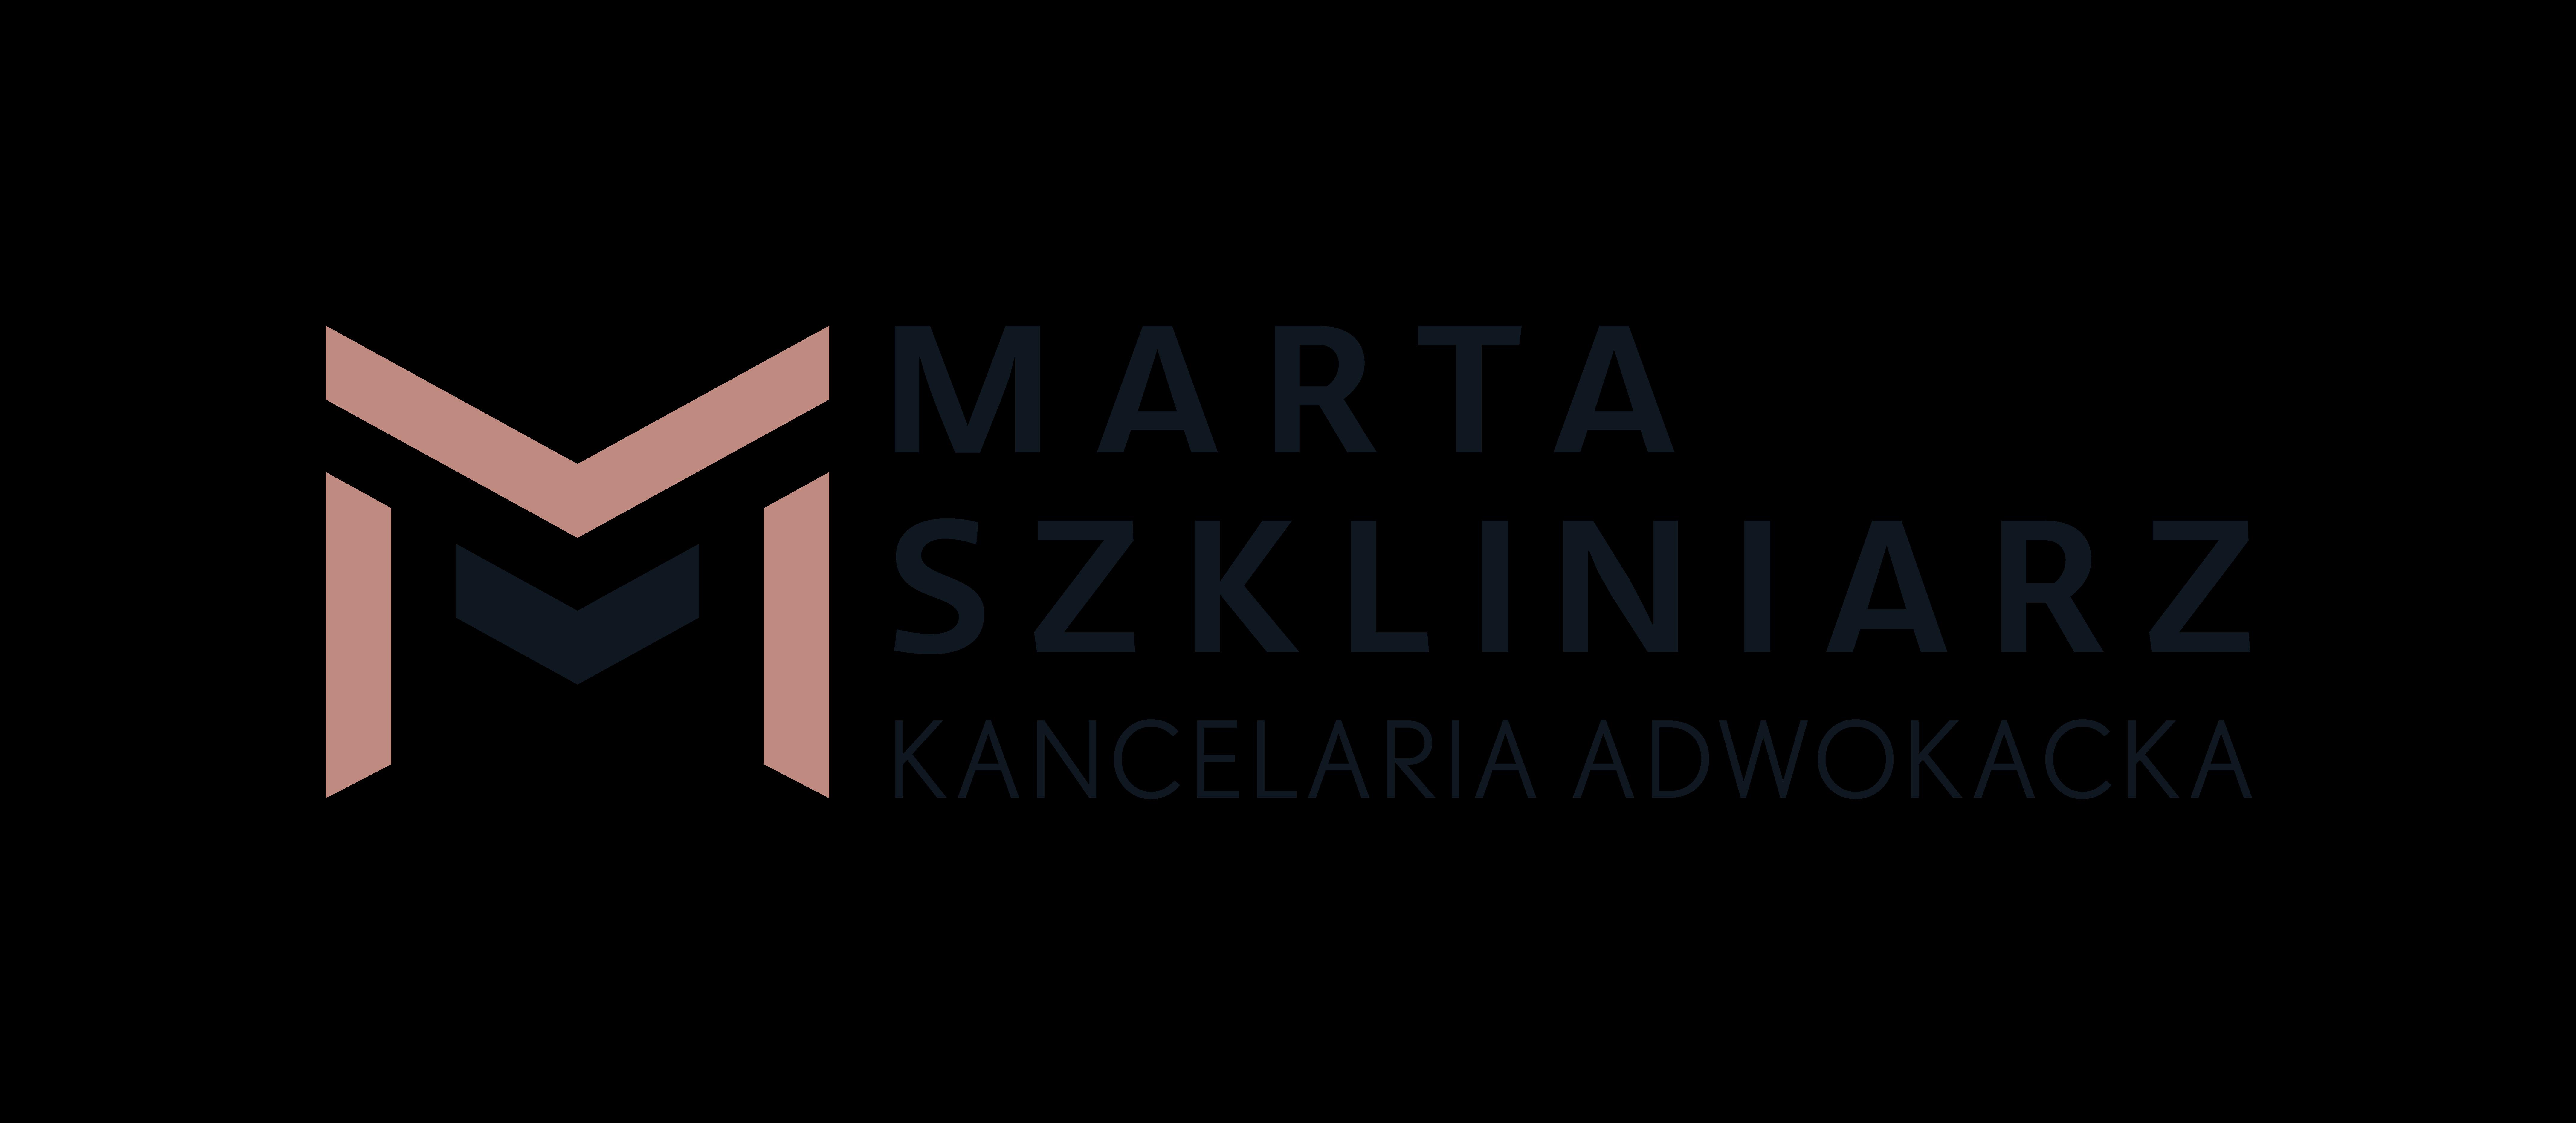 Adwokat Sosnowiec | Rozwód | Alimenty | Kontakty z Dzieckiem | Władza Rodzicielska | Spadek | Prawo Pracy